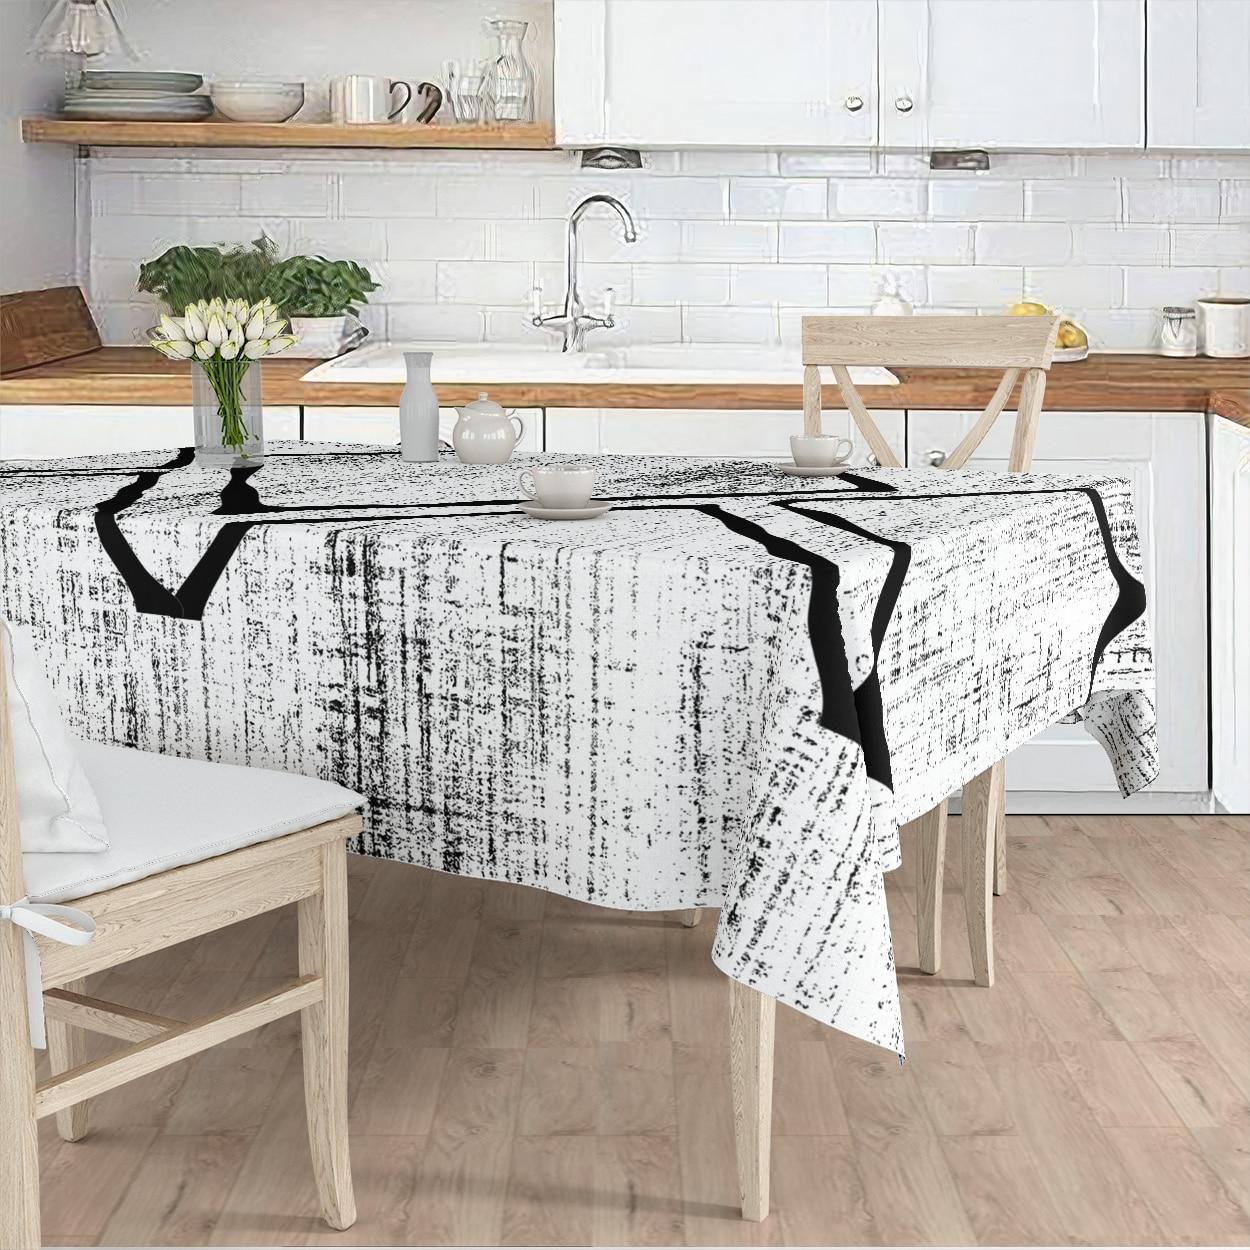 مفرش المائدة غرفة المعيشة المطبخ رمادي خط أسود منقوشة مايكرو غطاء من القماش عداء نمط شحن مجاني